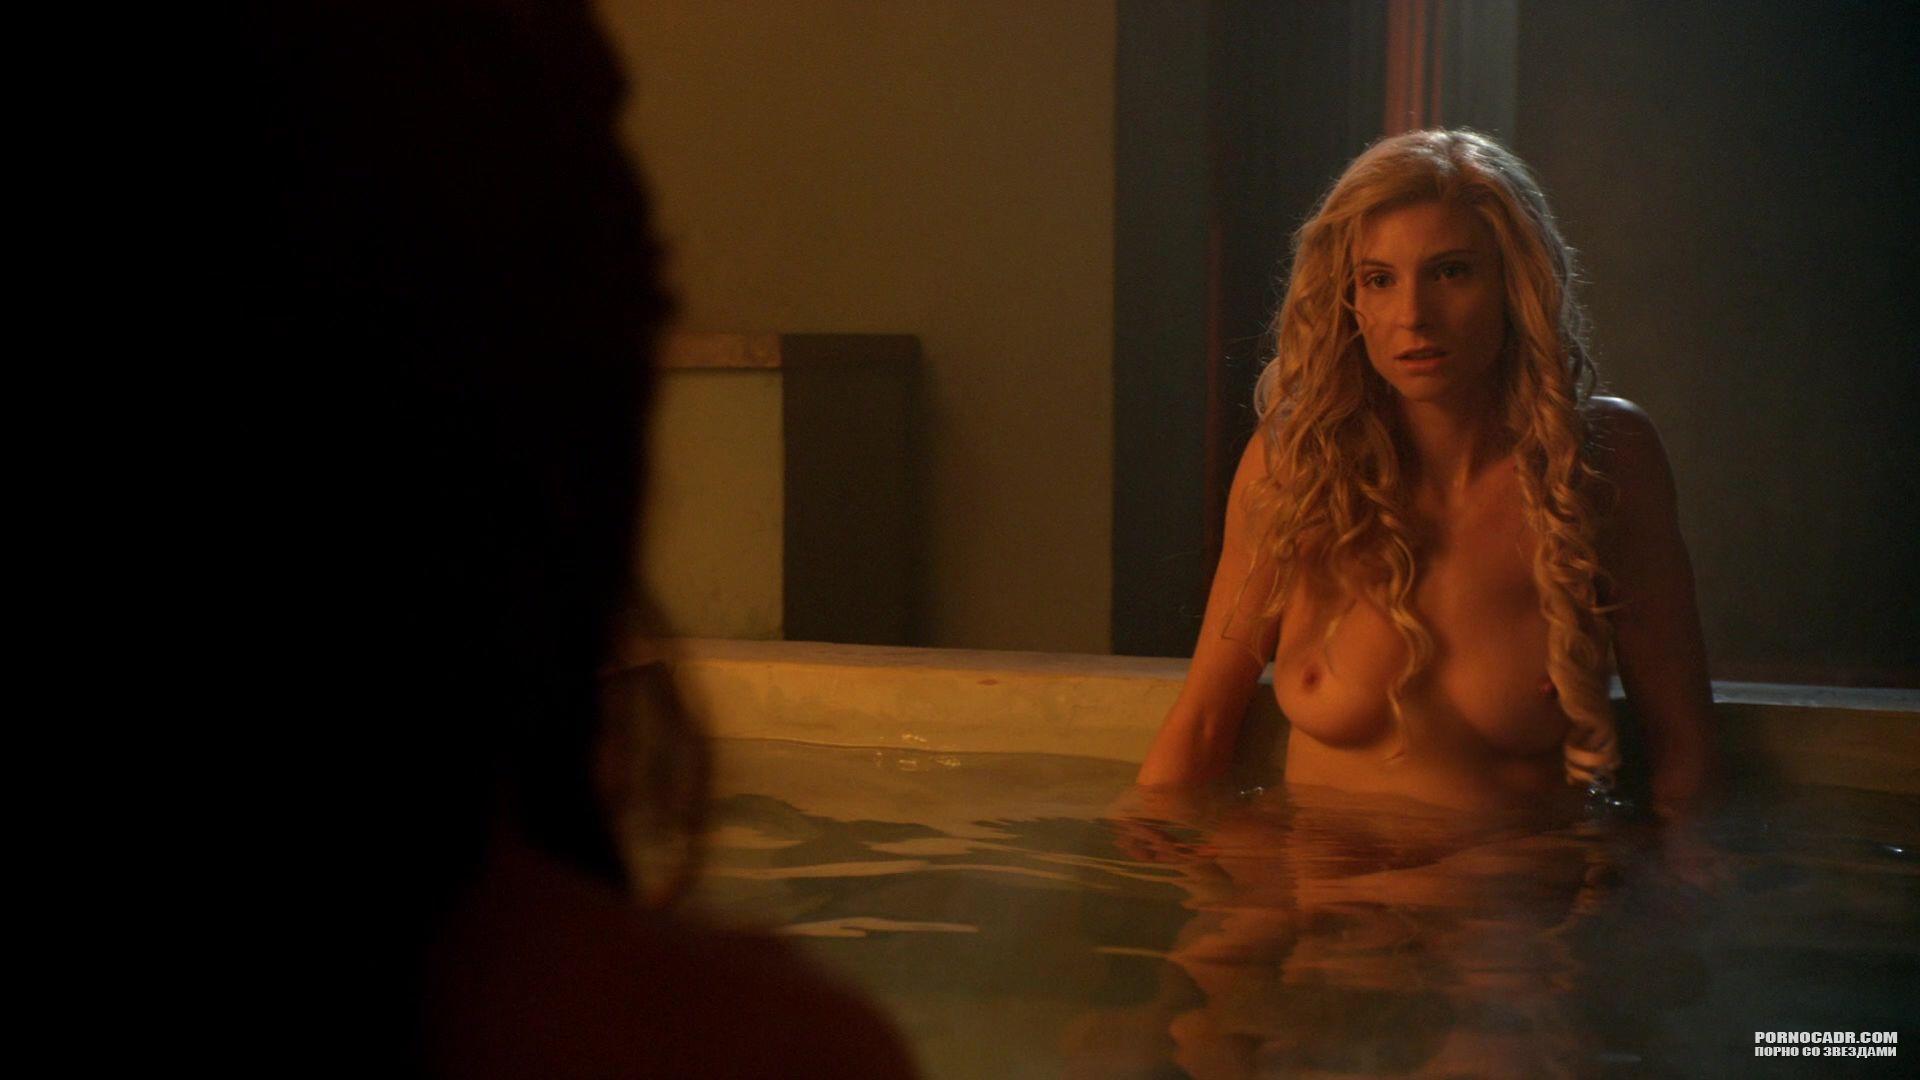 Viva hot naked, big boobs xnxxpics